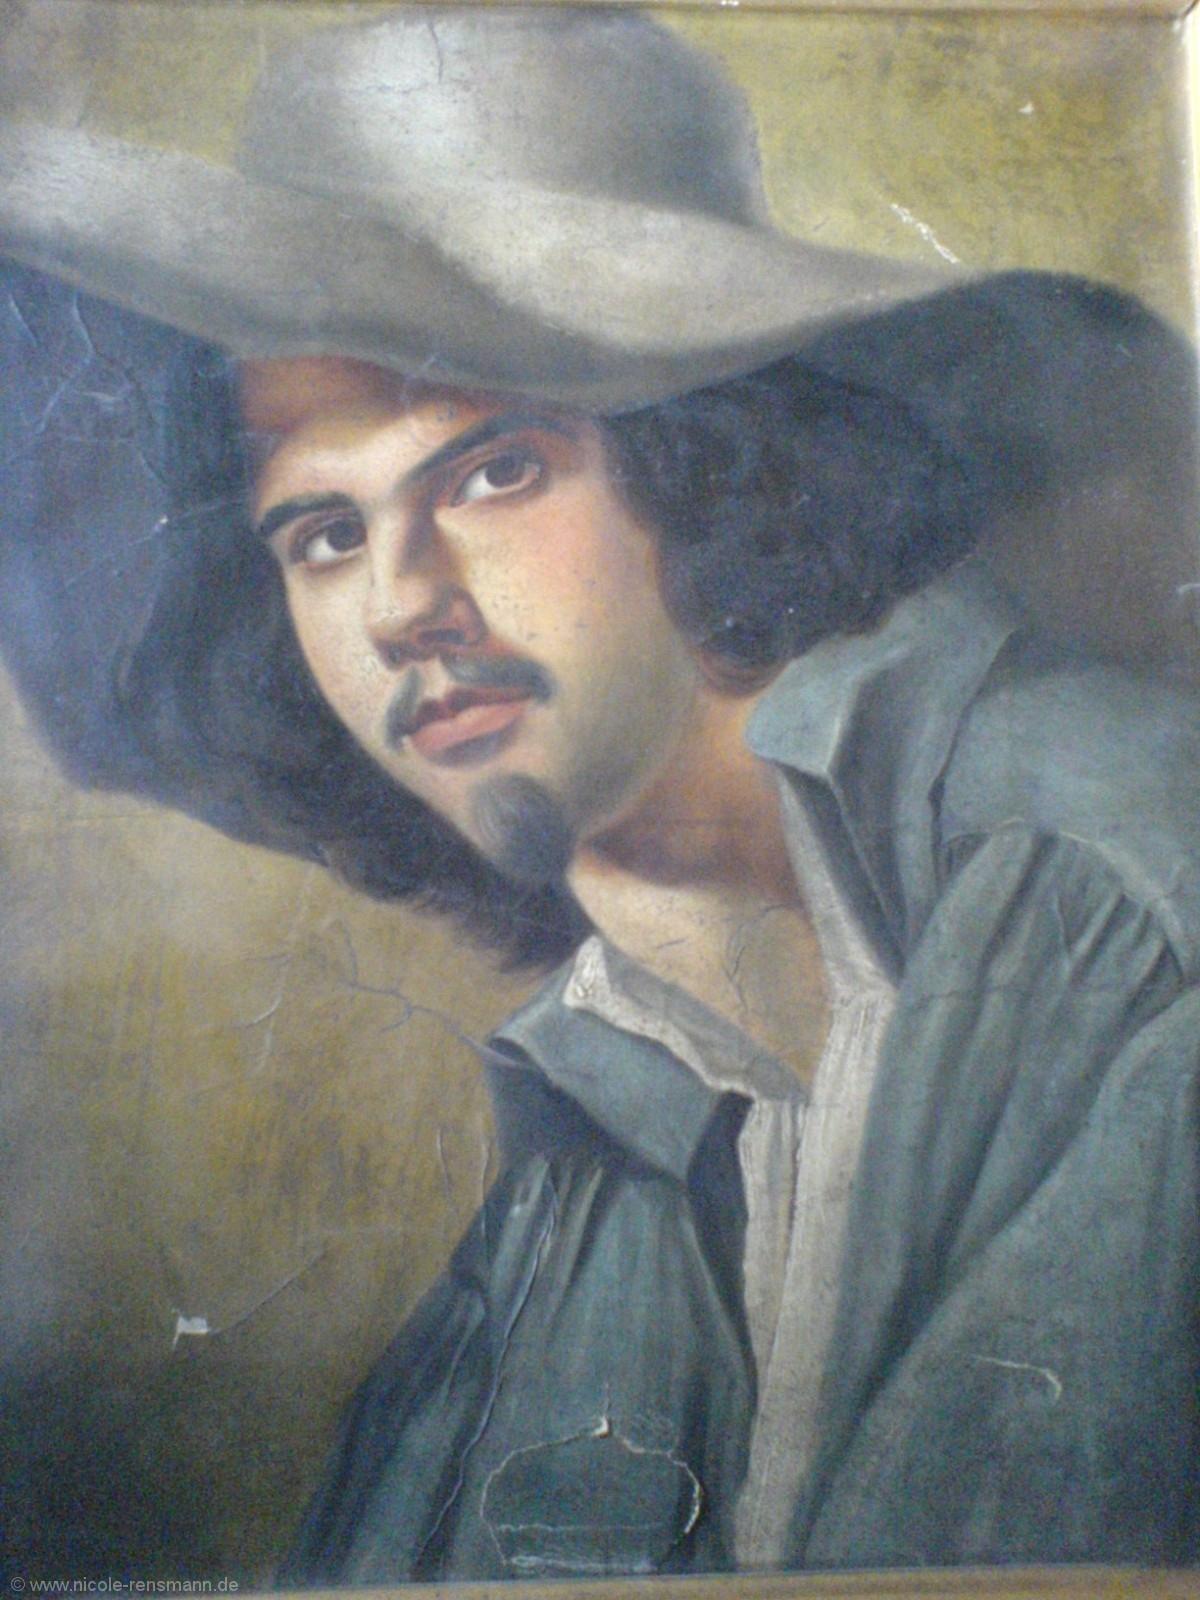 Porträt (Ölbild) - Es ist nicht bewiesen, ob es sich hier um ein Selbstporträt handelt. Im Roman jedoch sieht Hermann so aus.